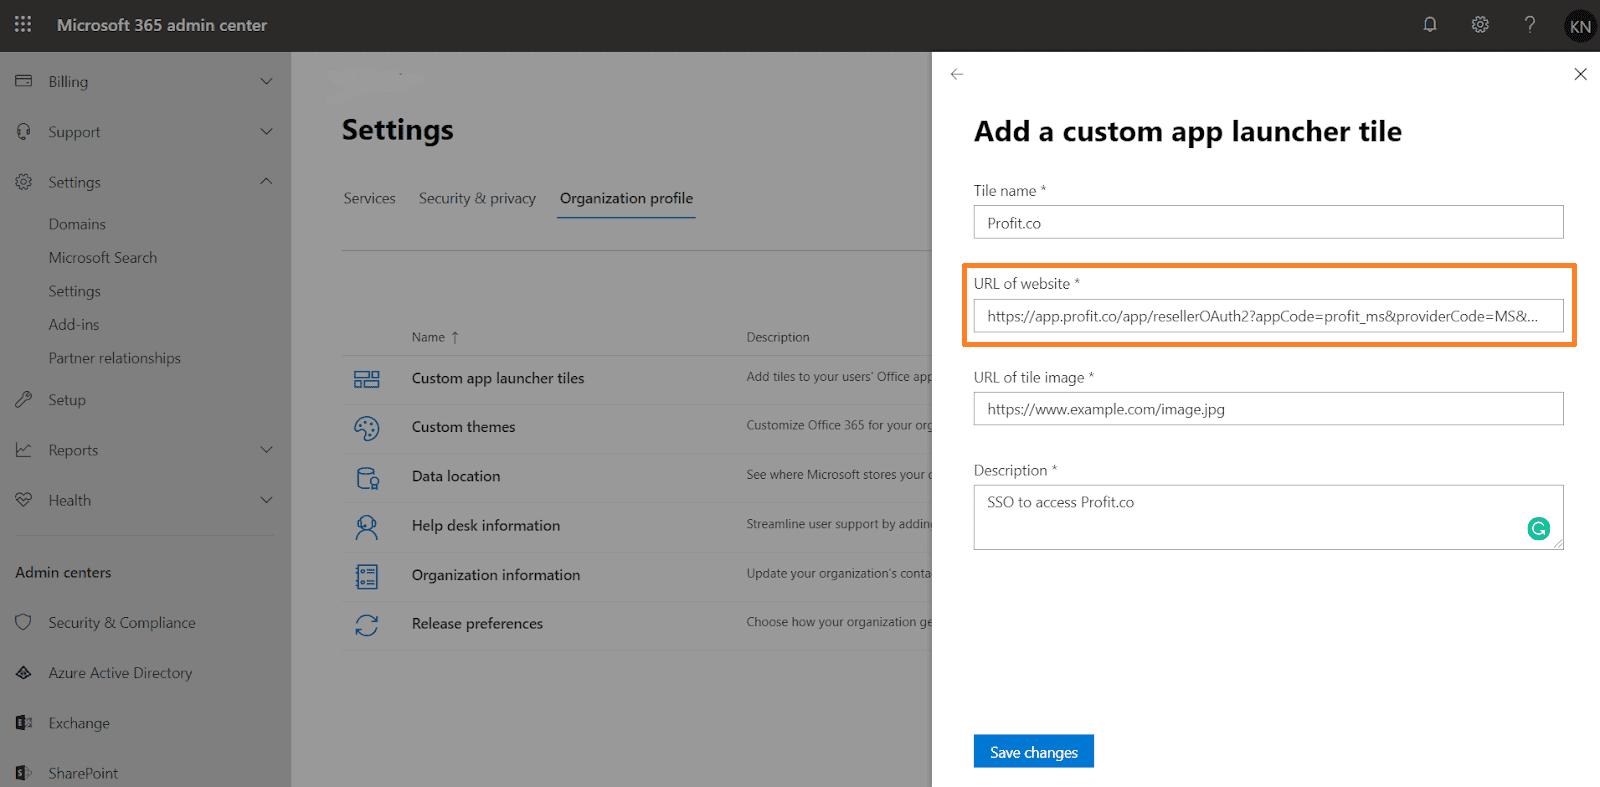 Custom-app-launcher-tile